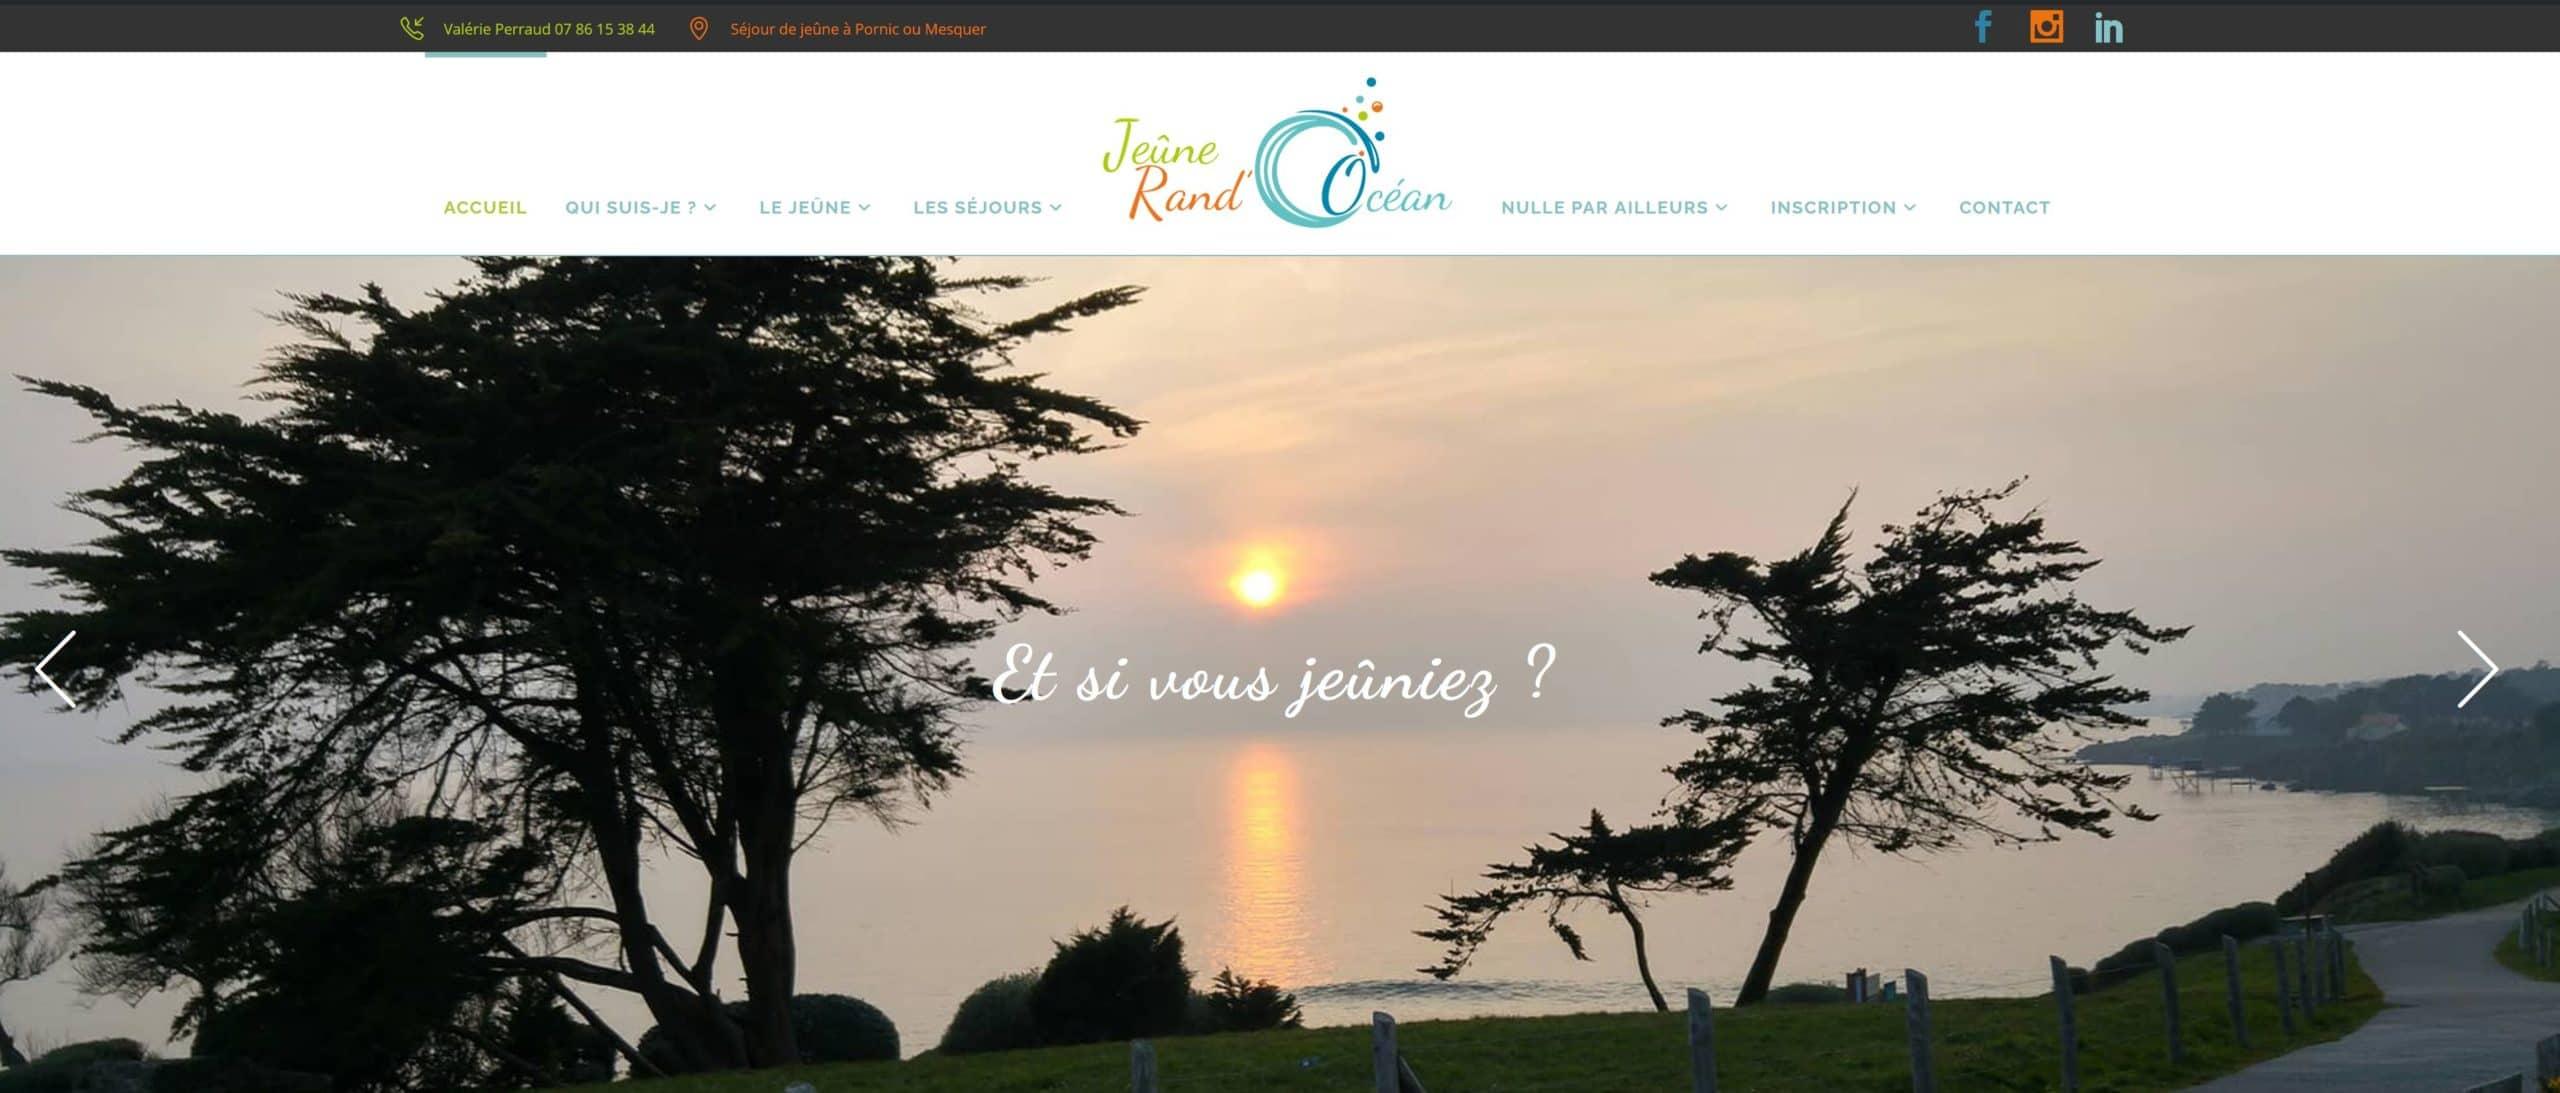 concept-web-design-creation-de-site-jeune-et-rand-ocean-et-si-vous-jeuniez